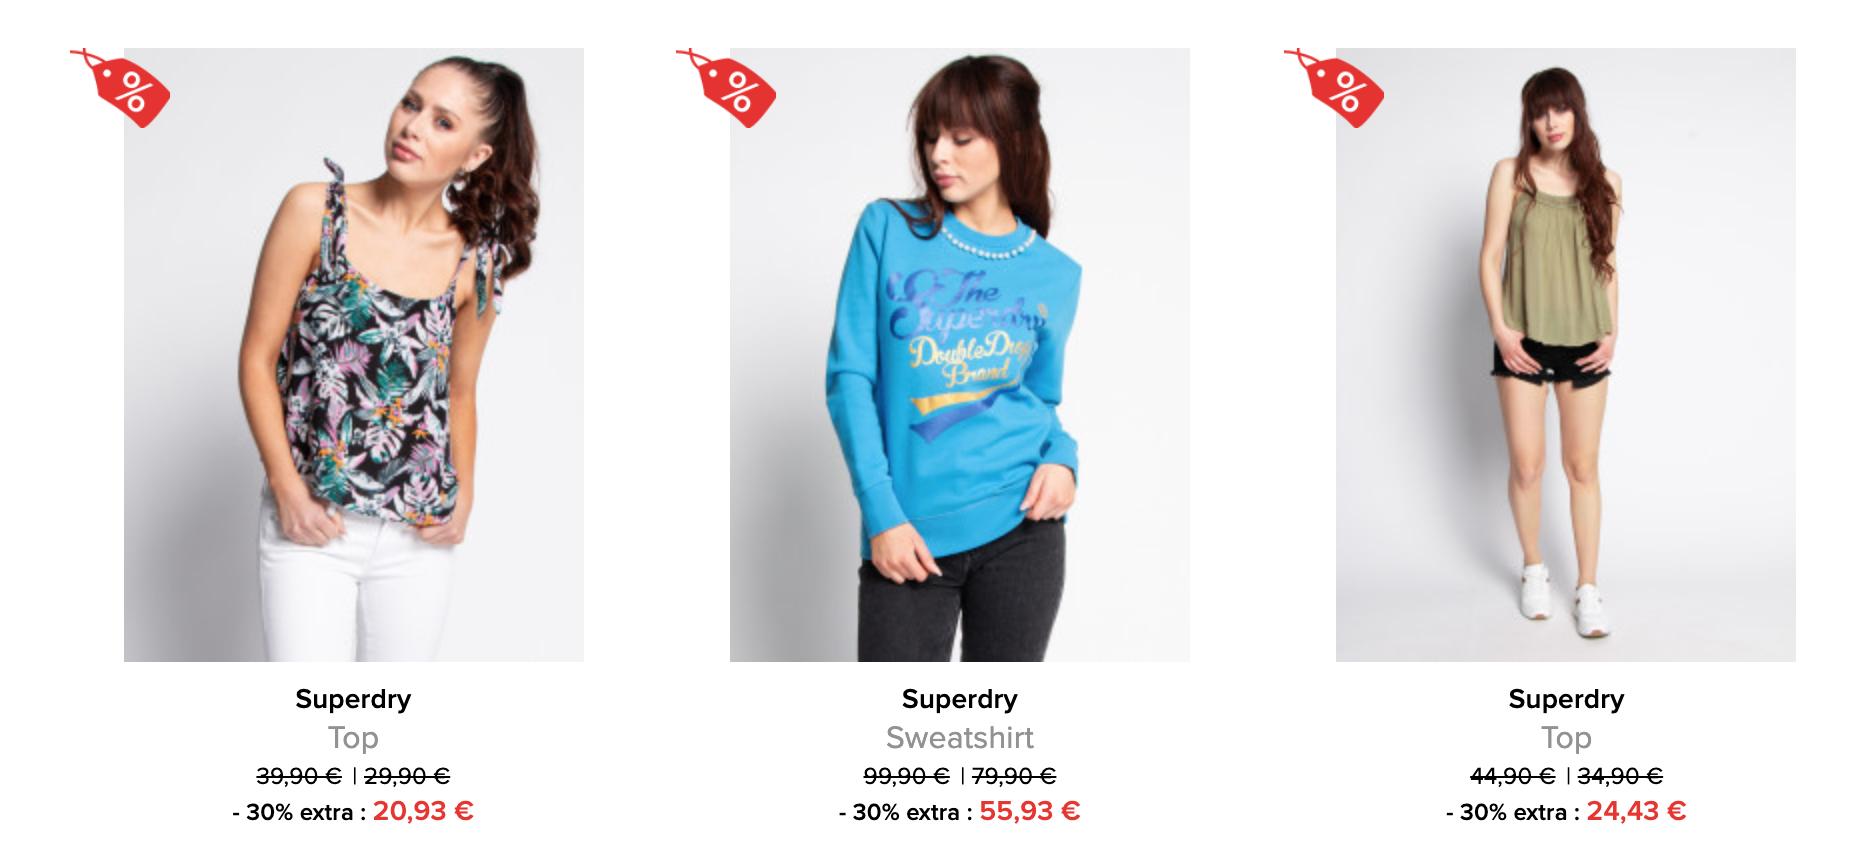 Superdry für den modernen Look